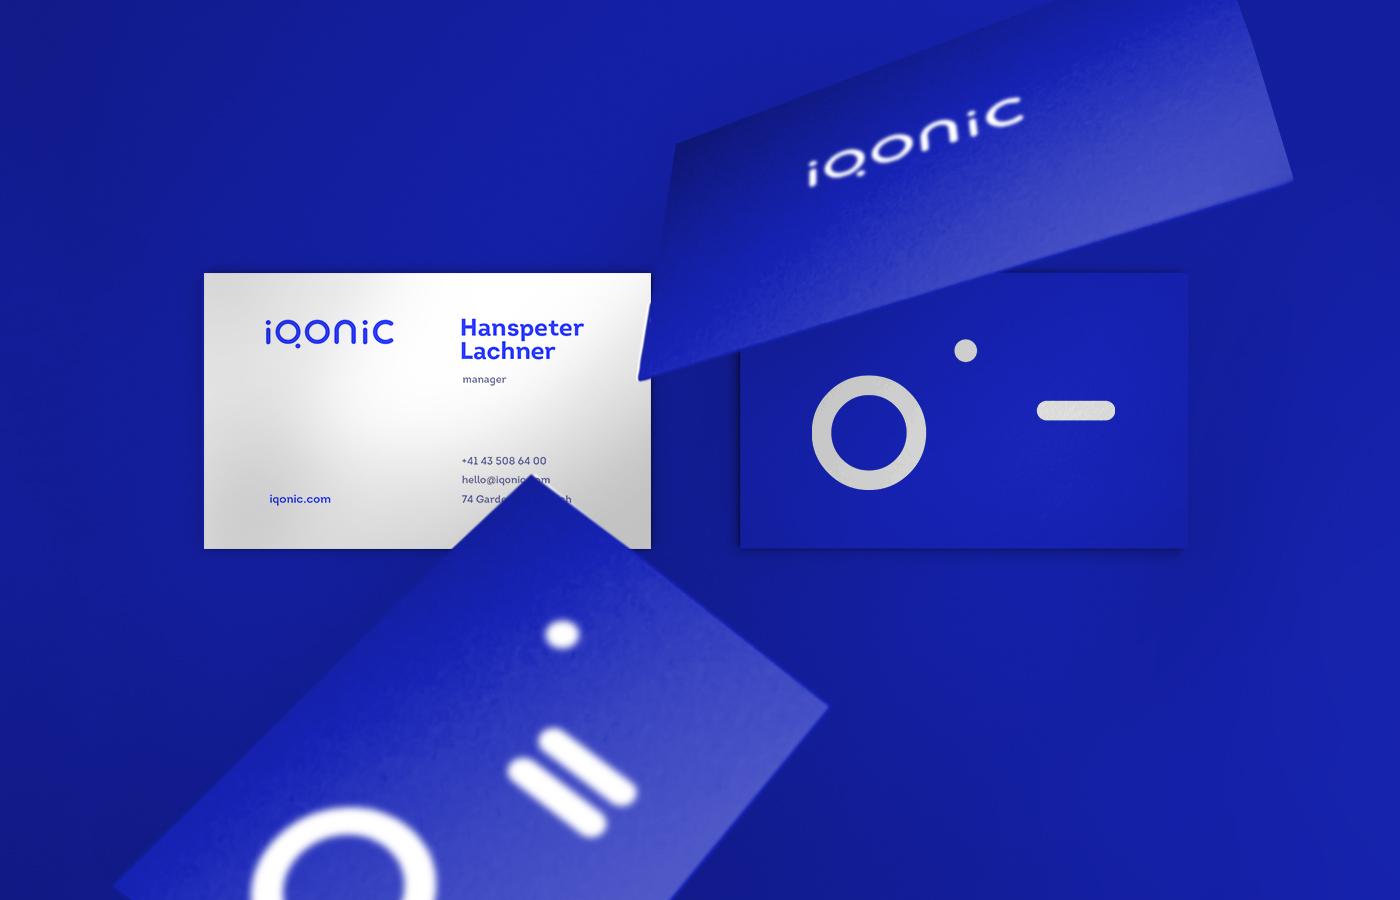 Business cards design for Iqonic by Alevtyna Makovska